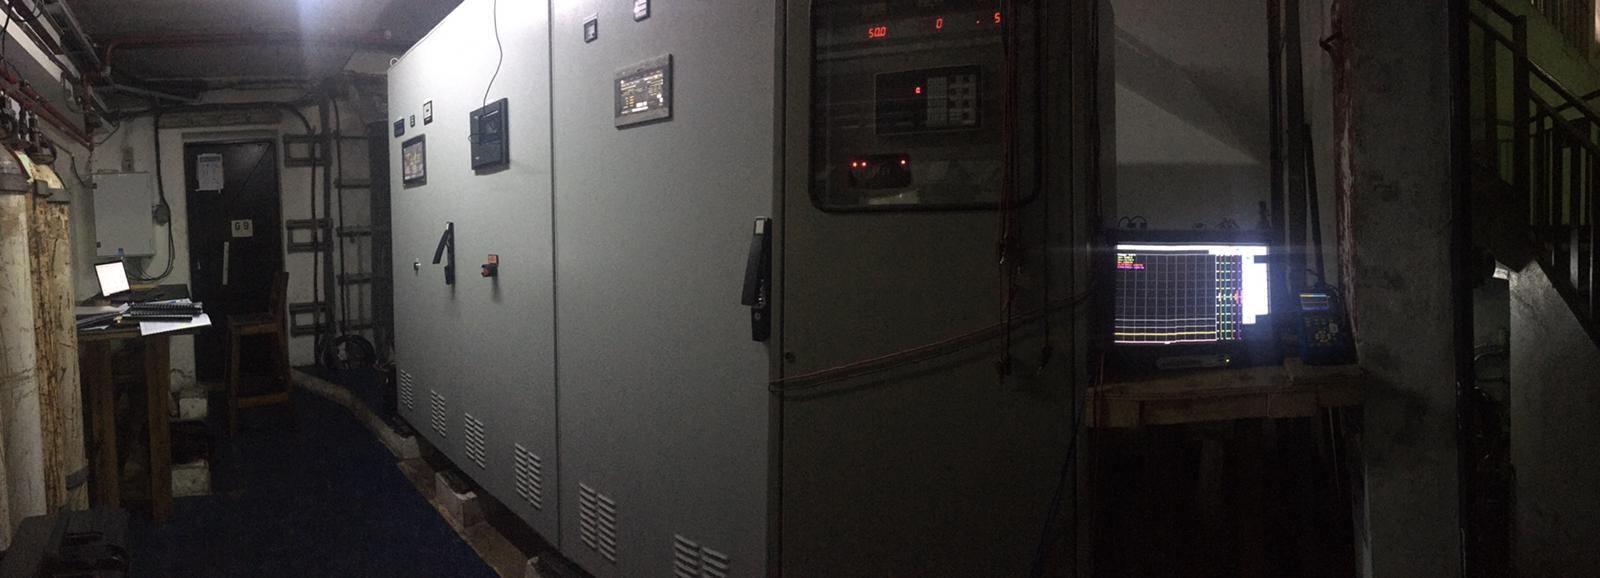 Cameroun, Centrale hydroélectrique d'EDEA groupes électrogènes l Flipo Richir